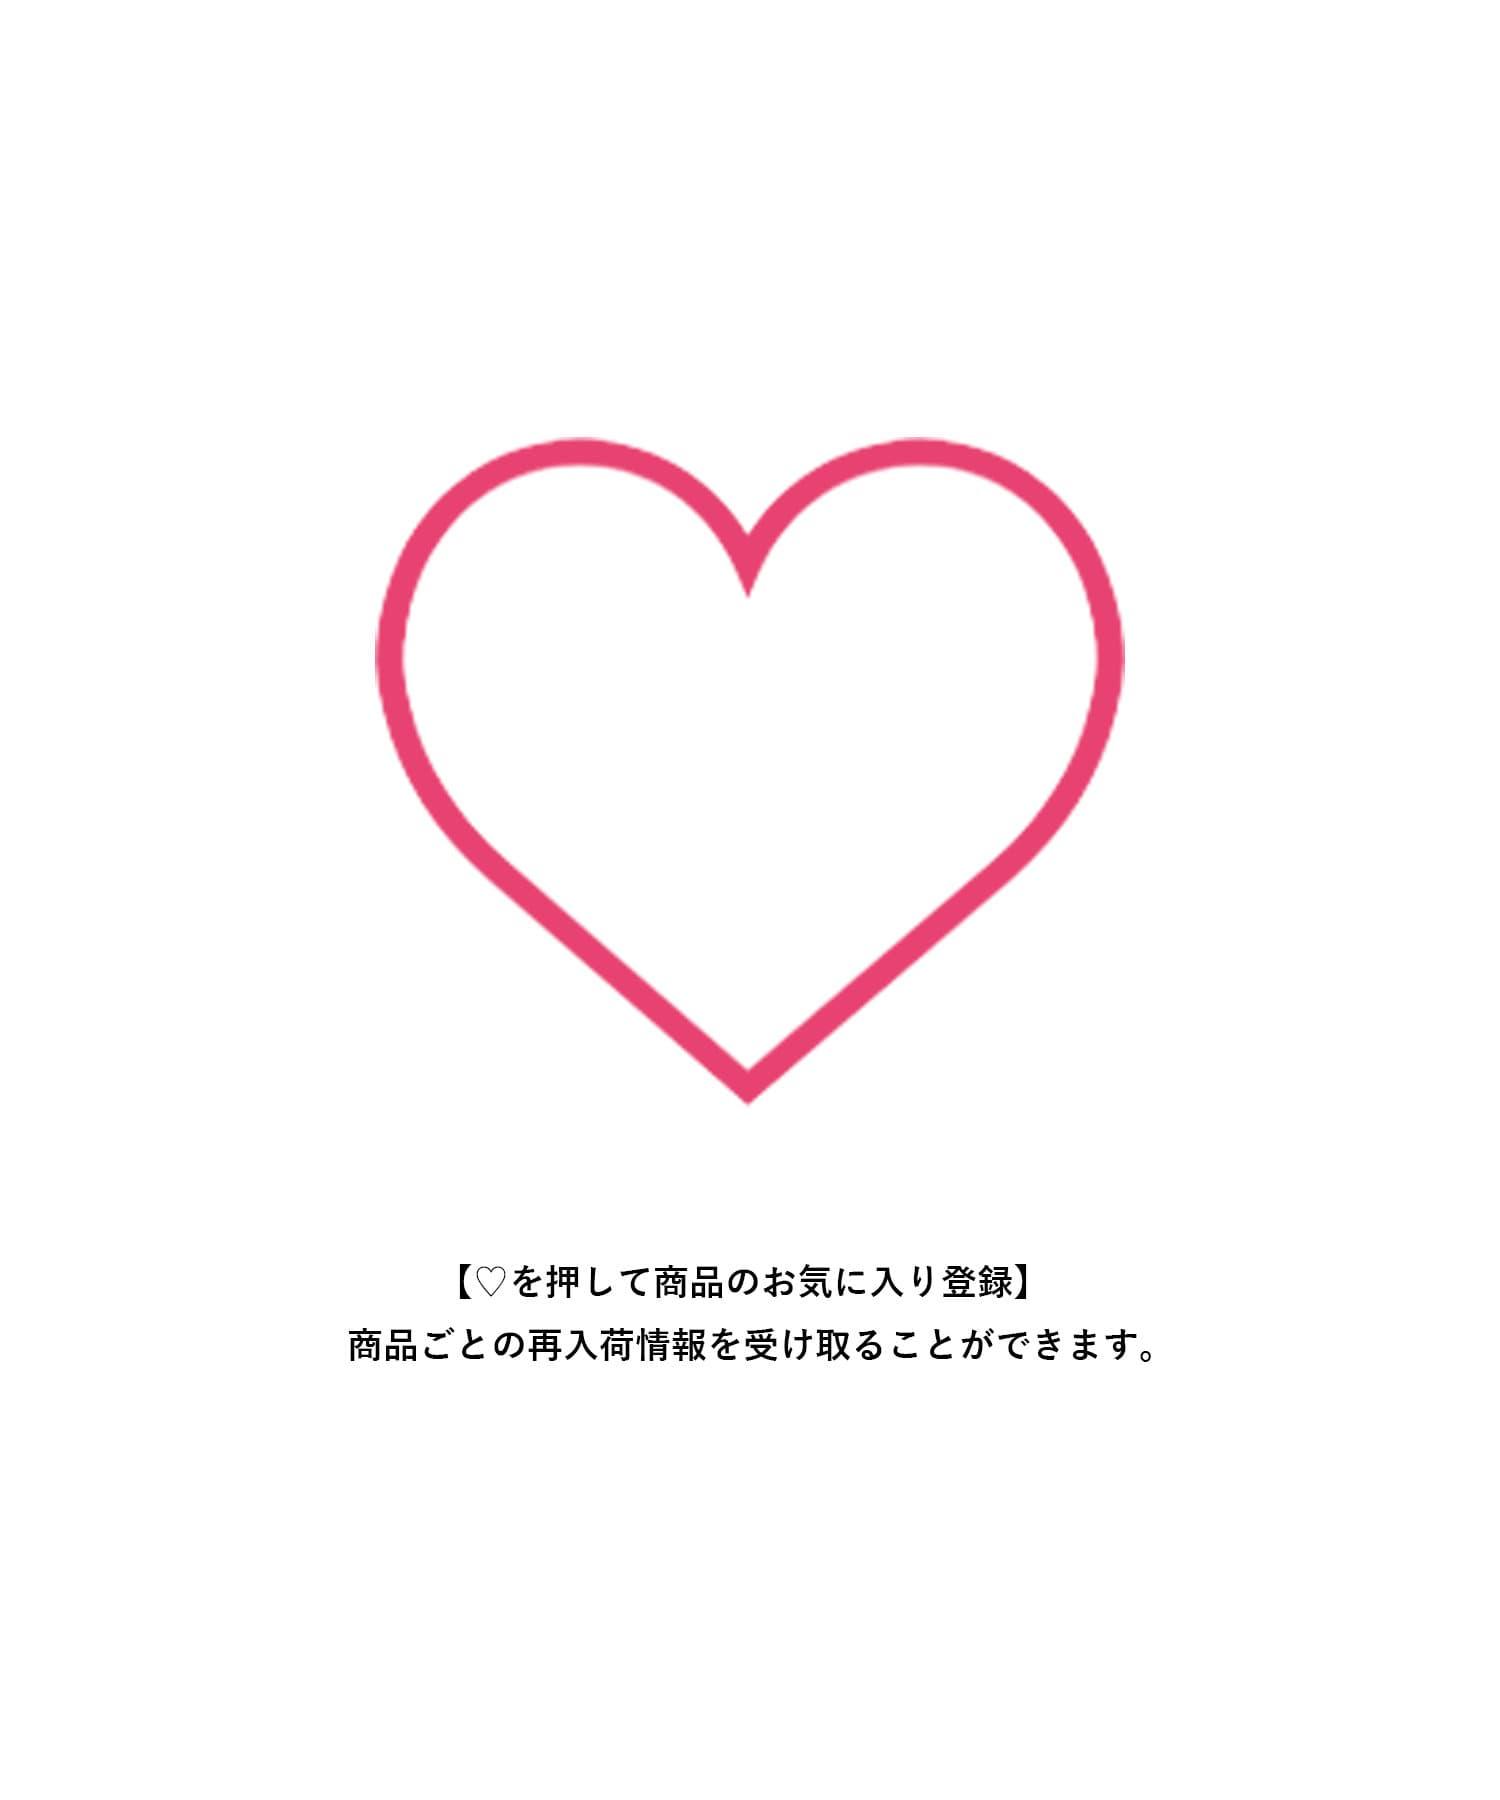 COLLAGE GALLARDAGALANTE(コラージュ ガリャルダガランテ) 【PAPILLONNER/パピヨネ】ボリュームチェーンブレスレット